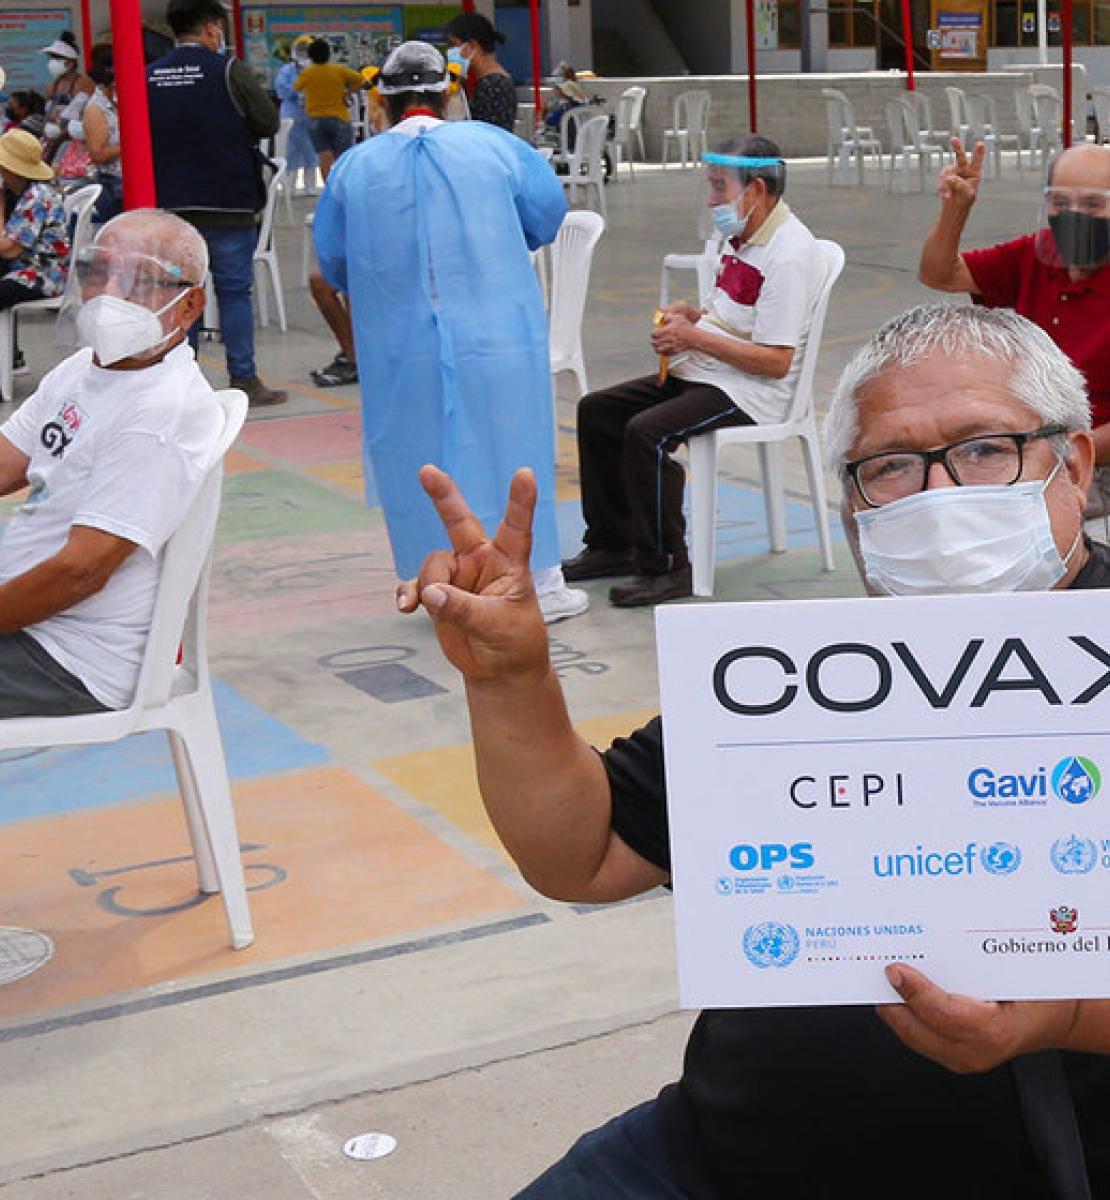 """Des personnes d'un certain âge sont assises sur des chaises blanches au milieu d'une grande esplanade. Elles sont distantes les unes des autres, portent des masques et pour certaines des visières de protection, en attendant les consignes des agents de santé. Parmi elles, un homme, au premier plan de l'image, face caméra, tient un panneau où l'on peut lire « COVAX » et le nom d'organismes partenaires. D'autres personnes autour de lieu font le signe """"V"""" de la main pour signifier qu'elles se sont fait vaciner."""